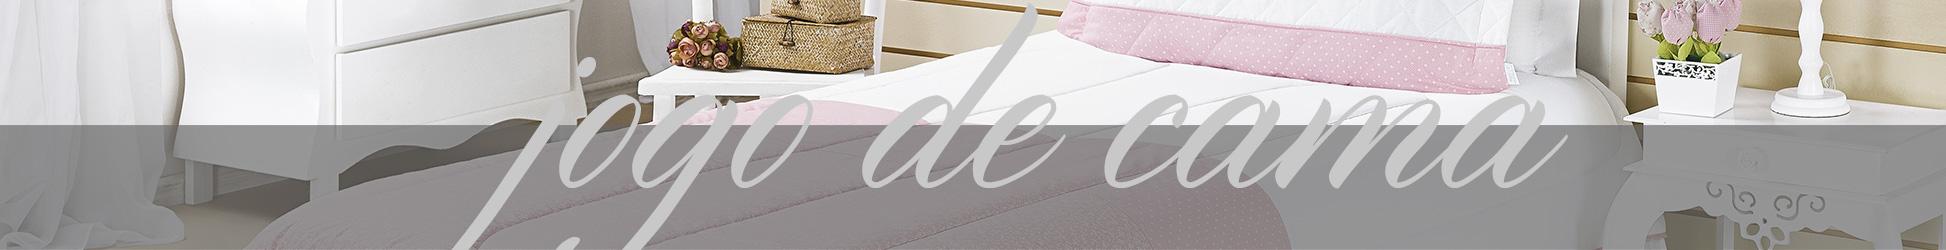 Cama e Banho - Jogo de cama